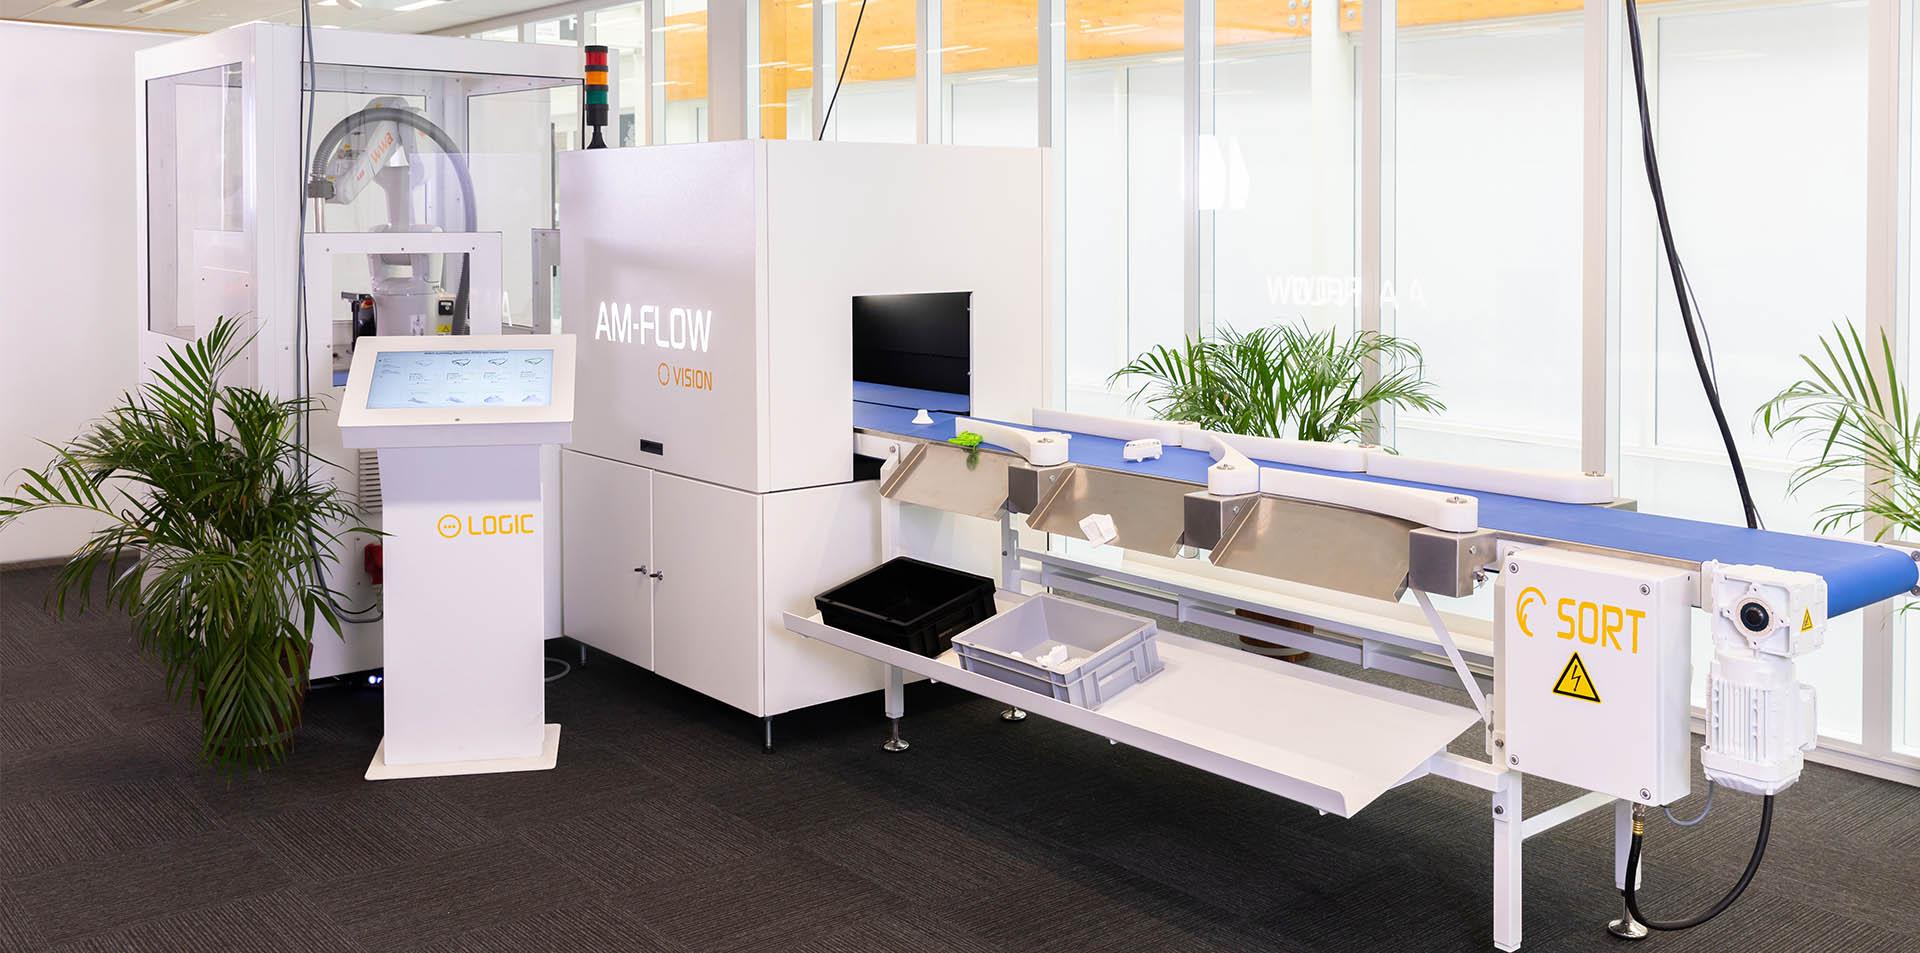 AM-Flow productielijn